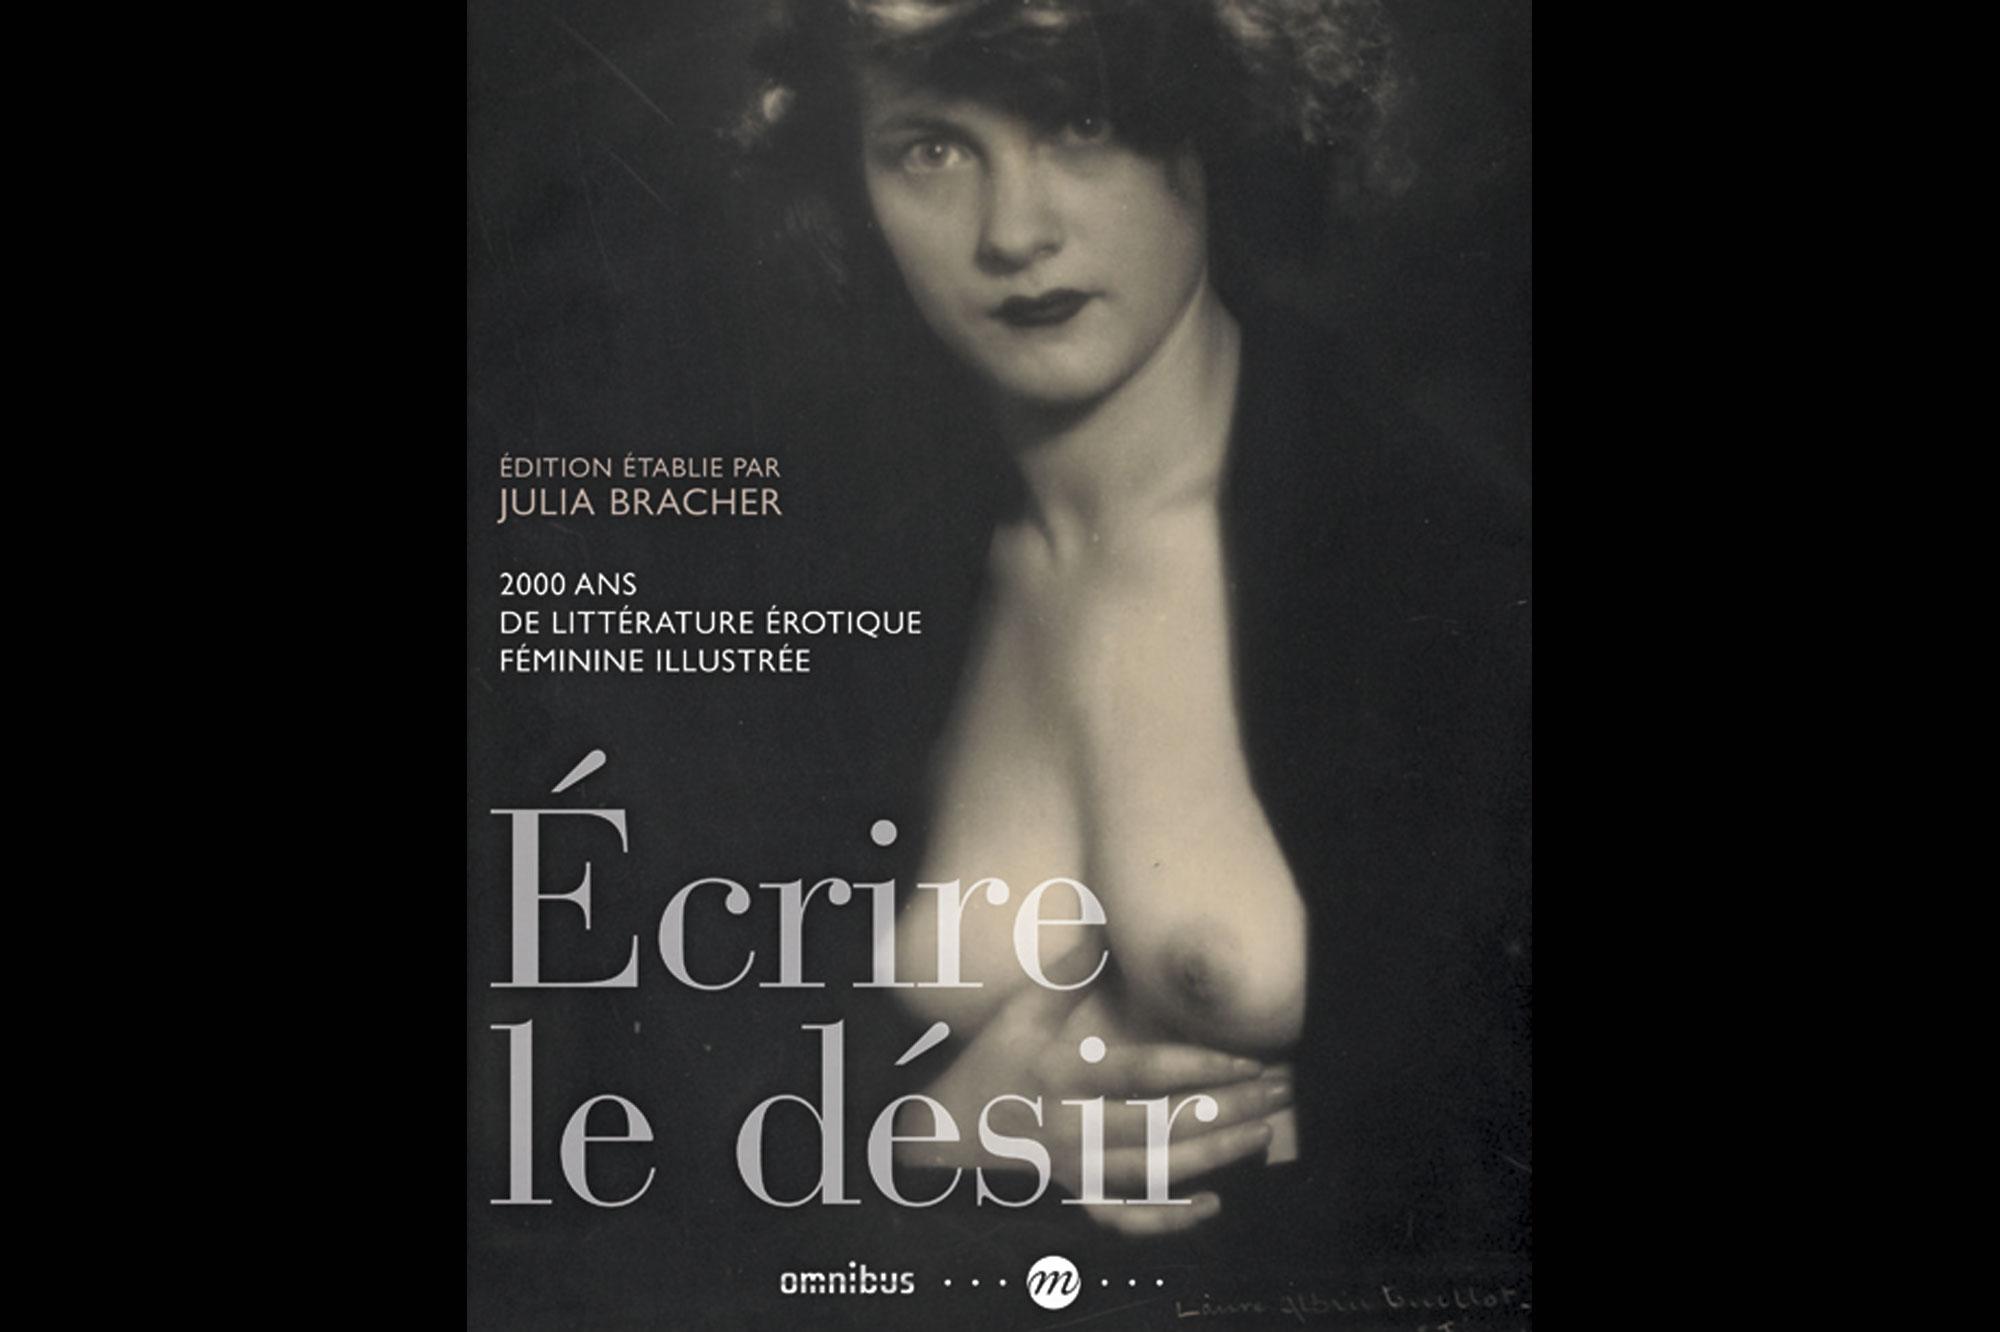 EN IMAGES Les photos rotiques de Claude Franois - Le